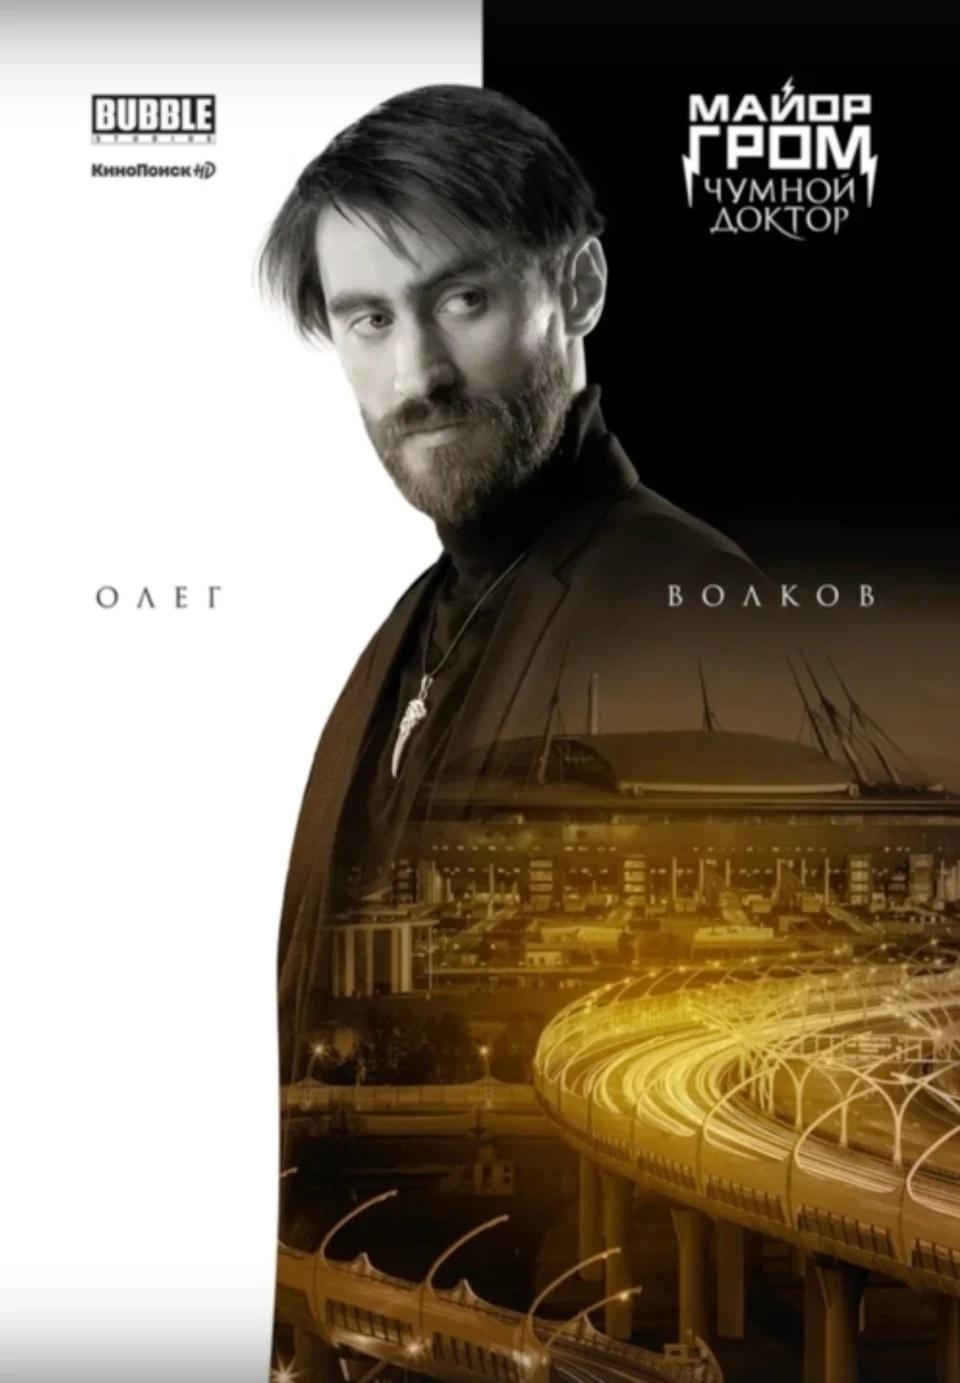 Появились персональные постеры фильма «Майор Гром: Чумной Доктор» | Канобу - Изображение 4340